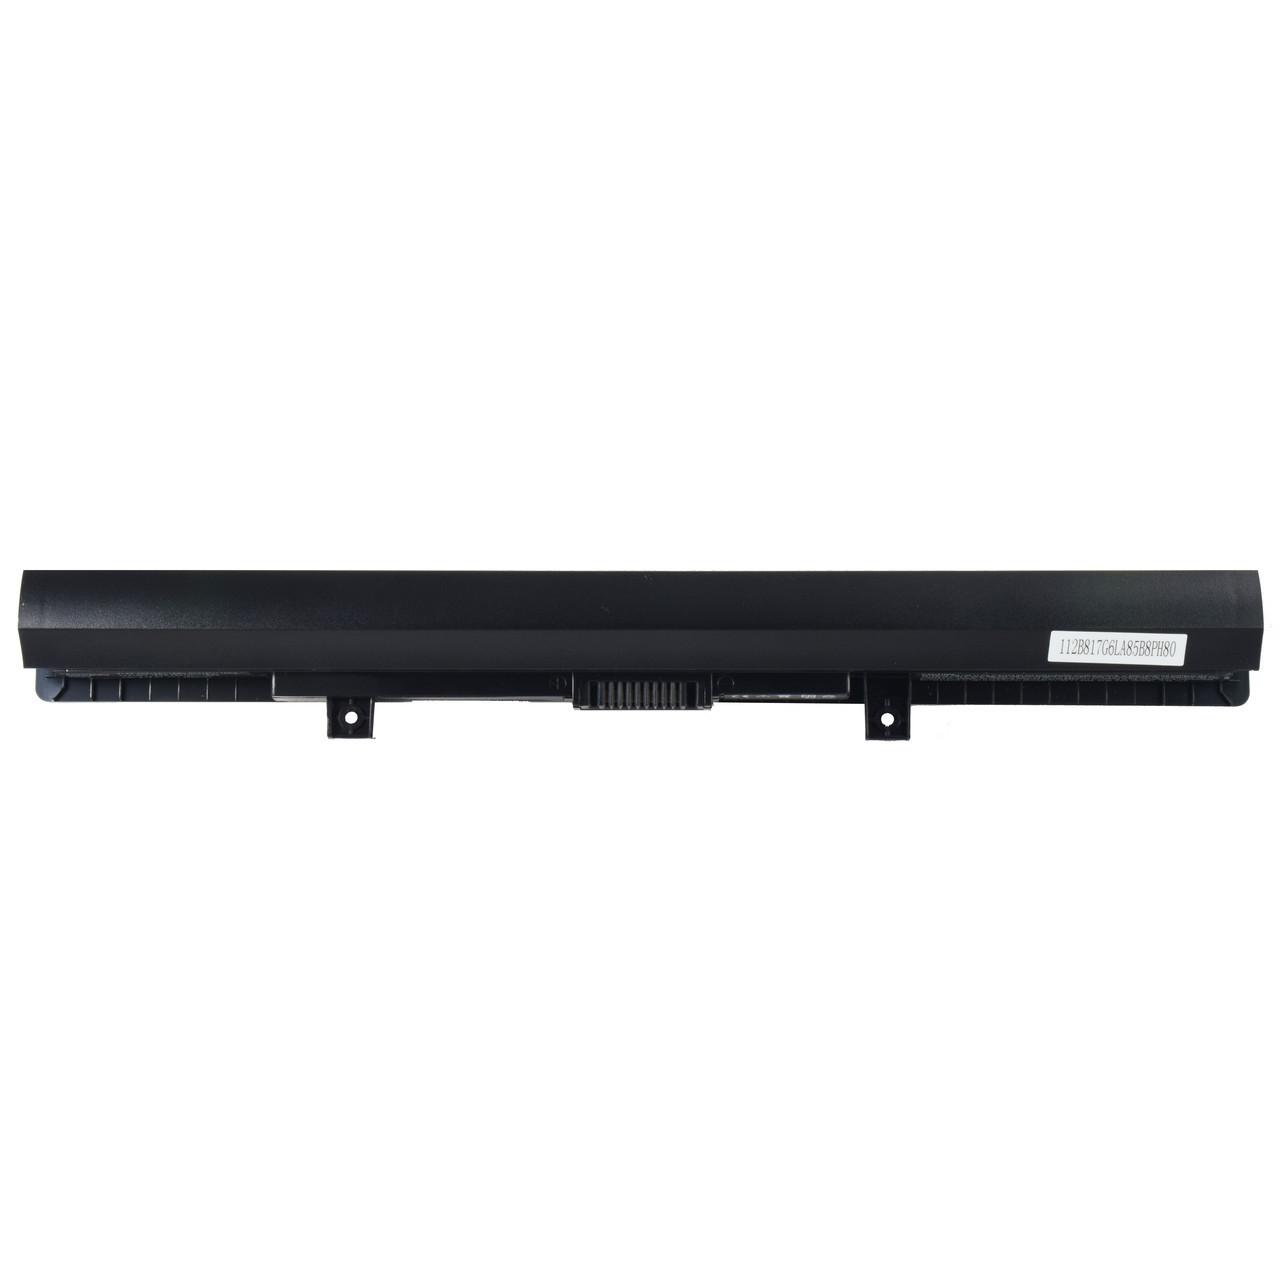 Батарея для ноутбука Toshiba C55-B5170 C55-B5296 C55-B5299 C55-B5353 C55-B5355 C55D